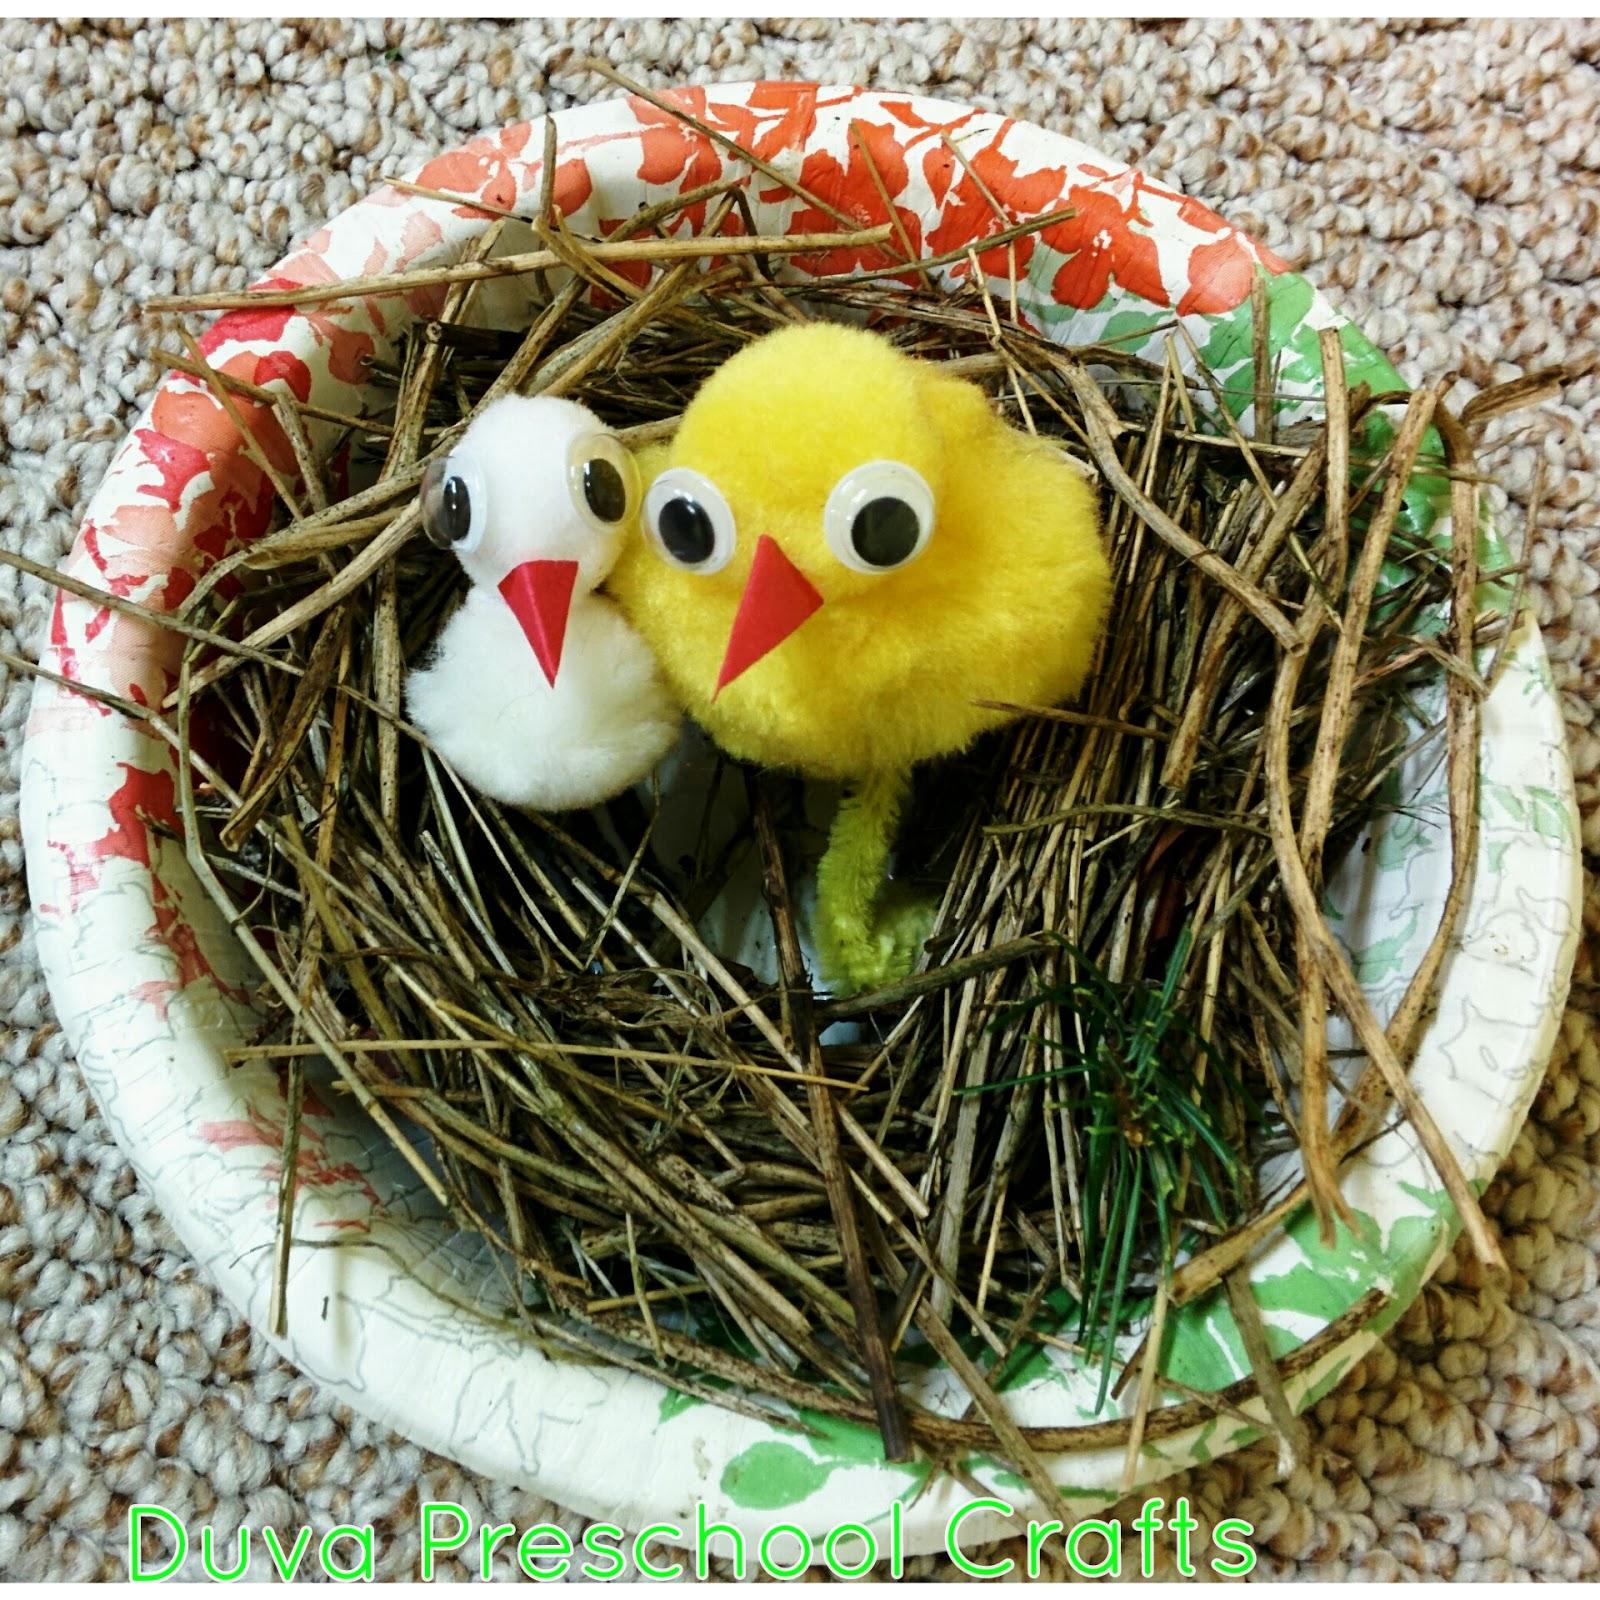 Duva Preschool Craft Ideas Bird Nest For Preschool Kids